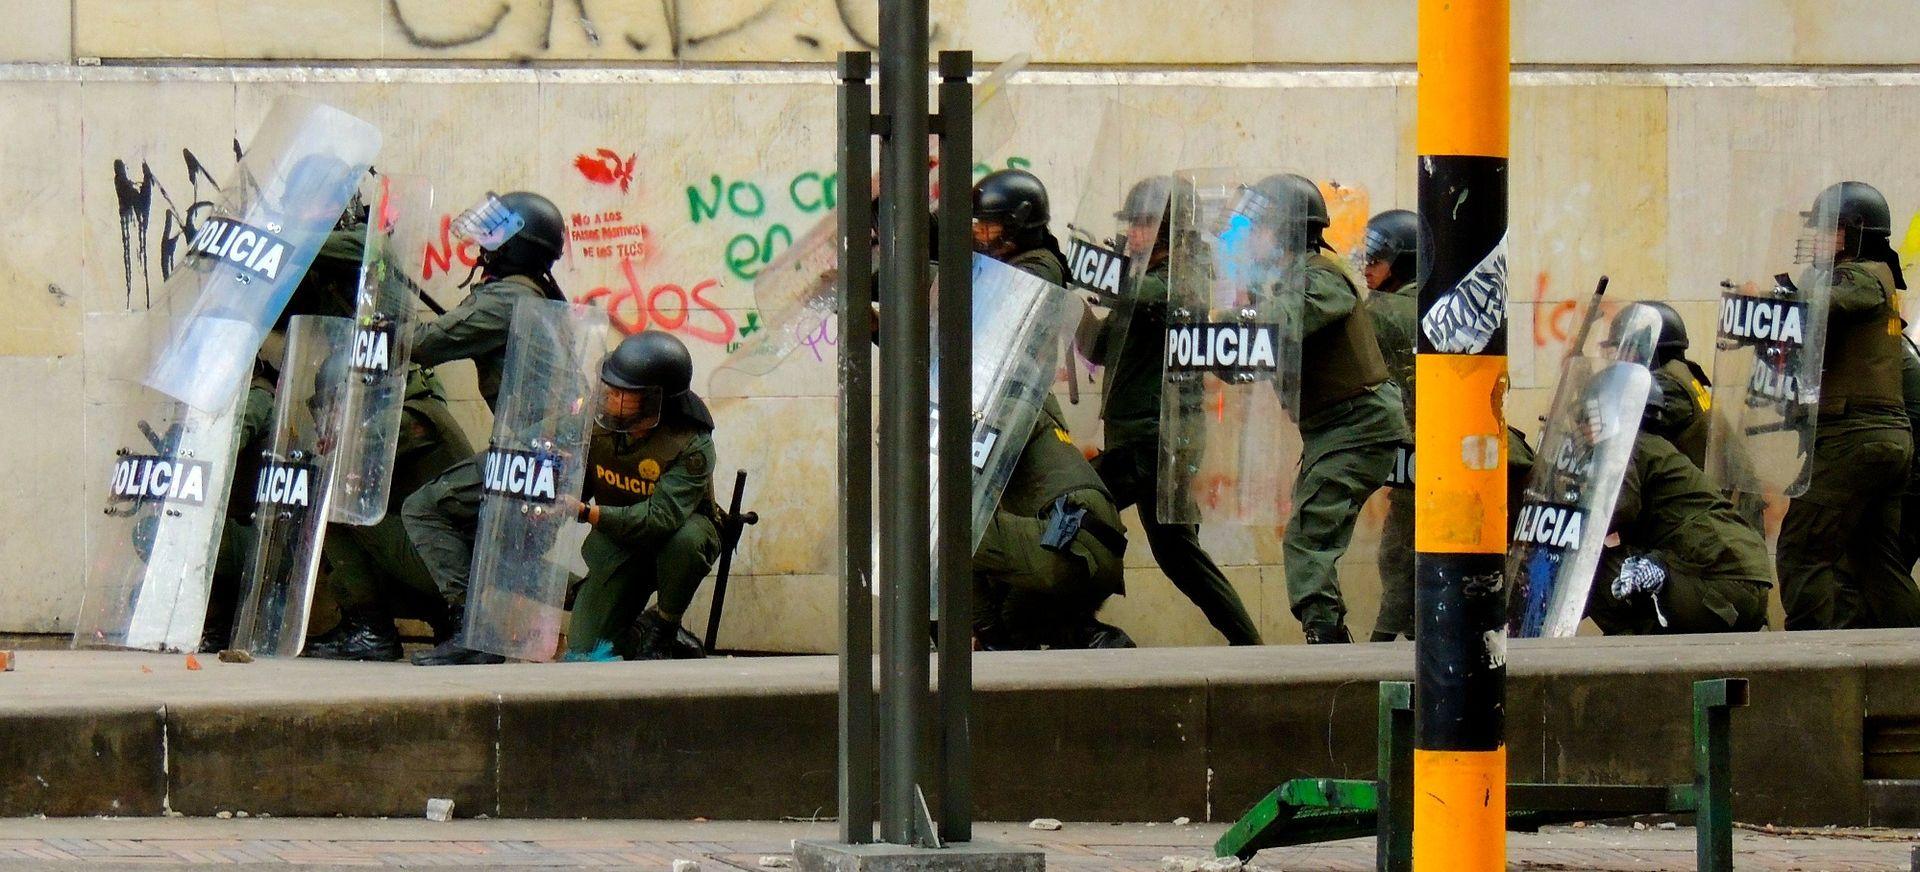 KOLUMBIJA Istraga oko 100 tijela pronađenih u kanalizaciji zloglasnog zatvora u Bogoti